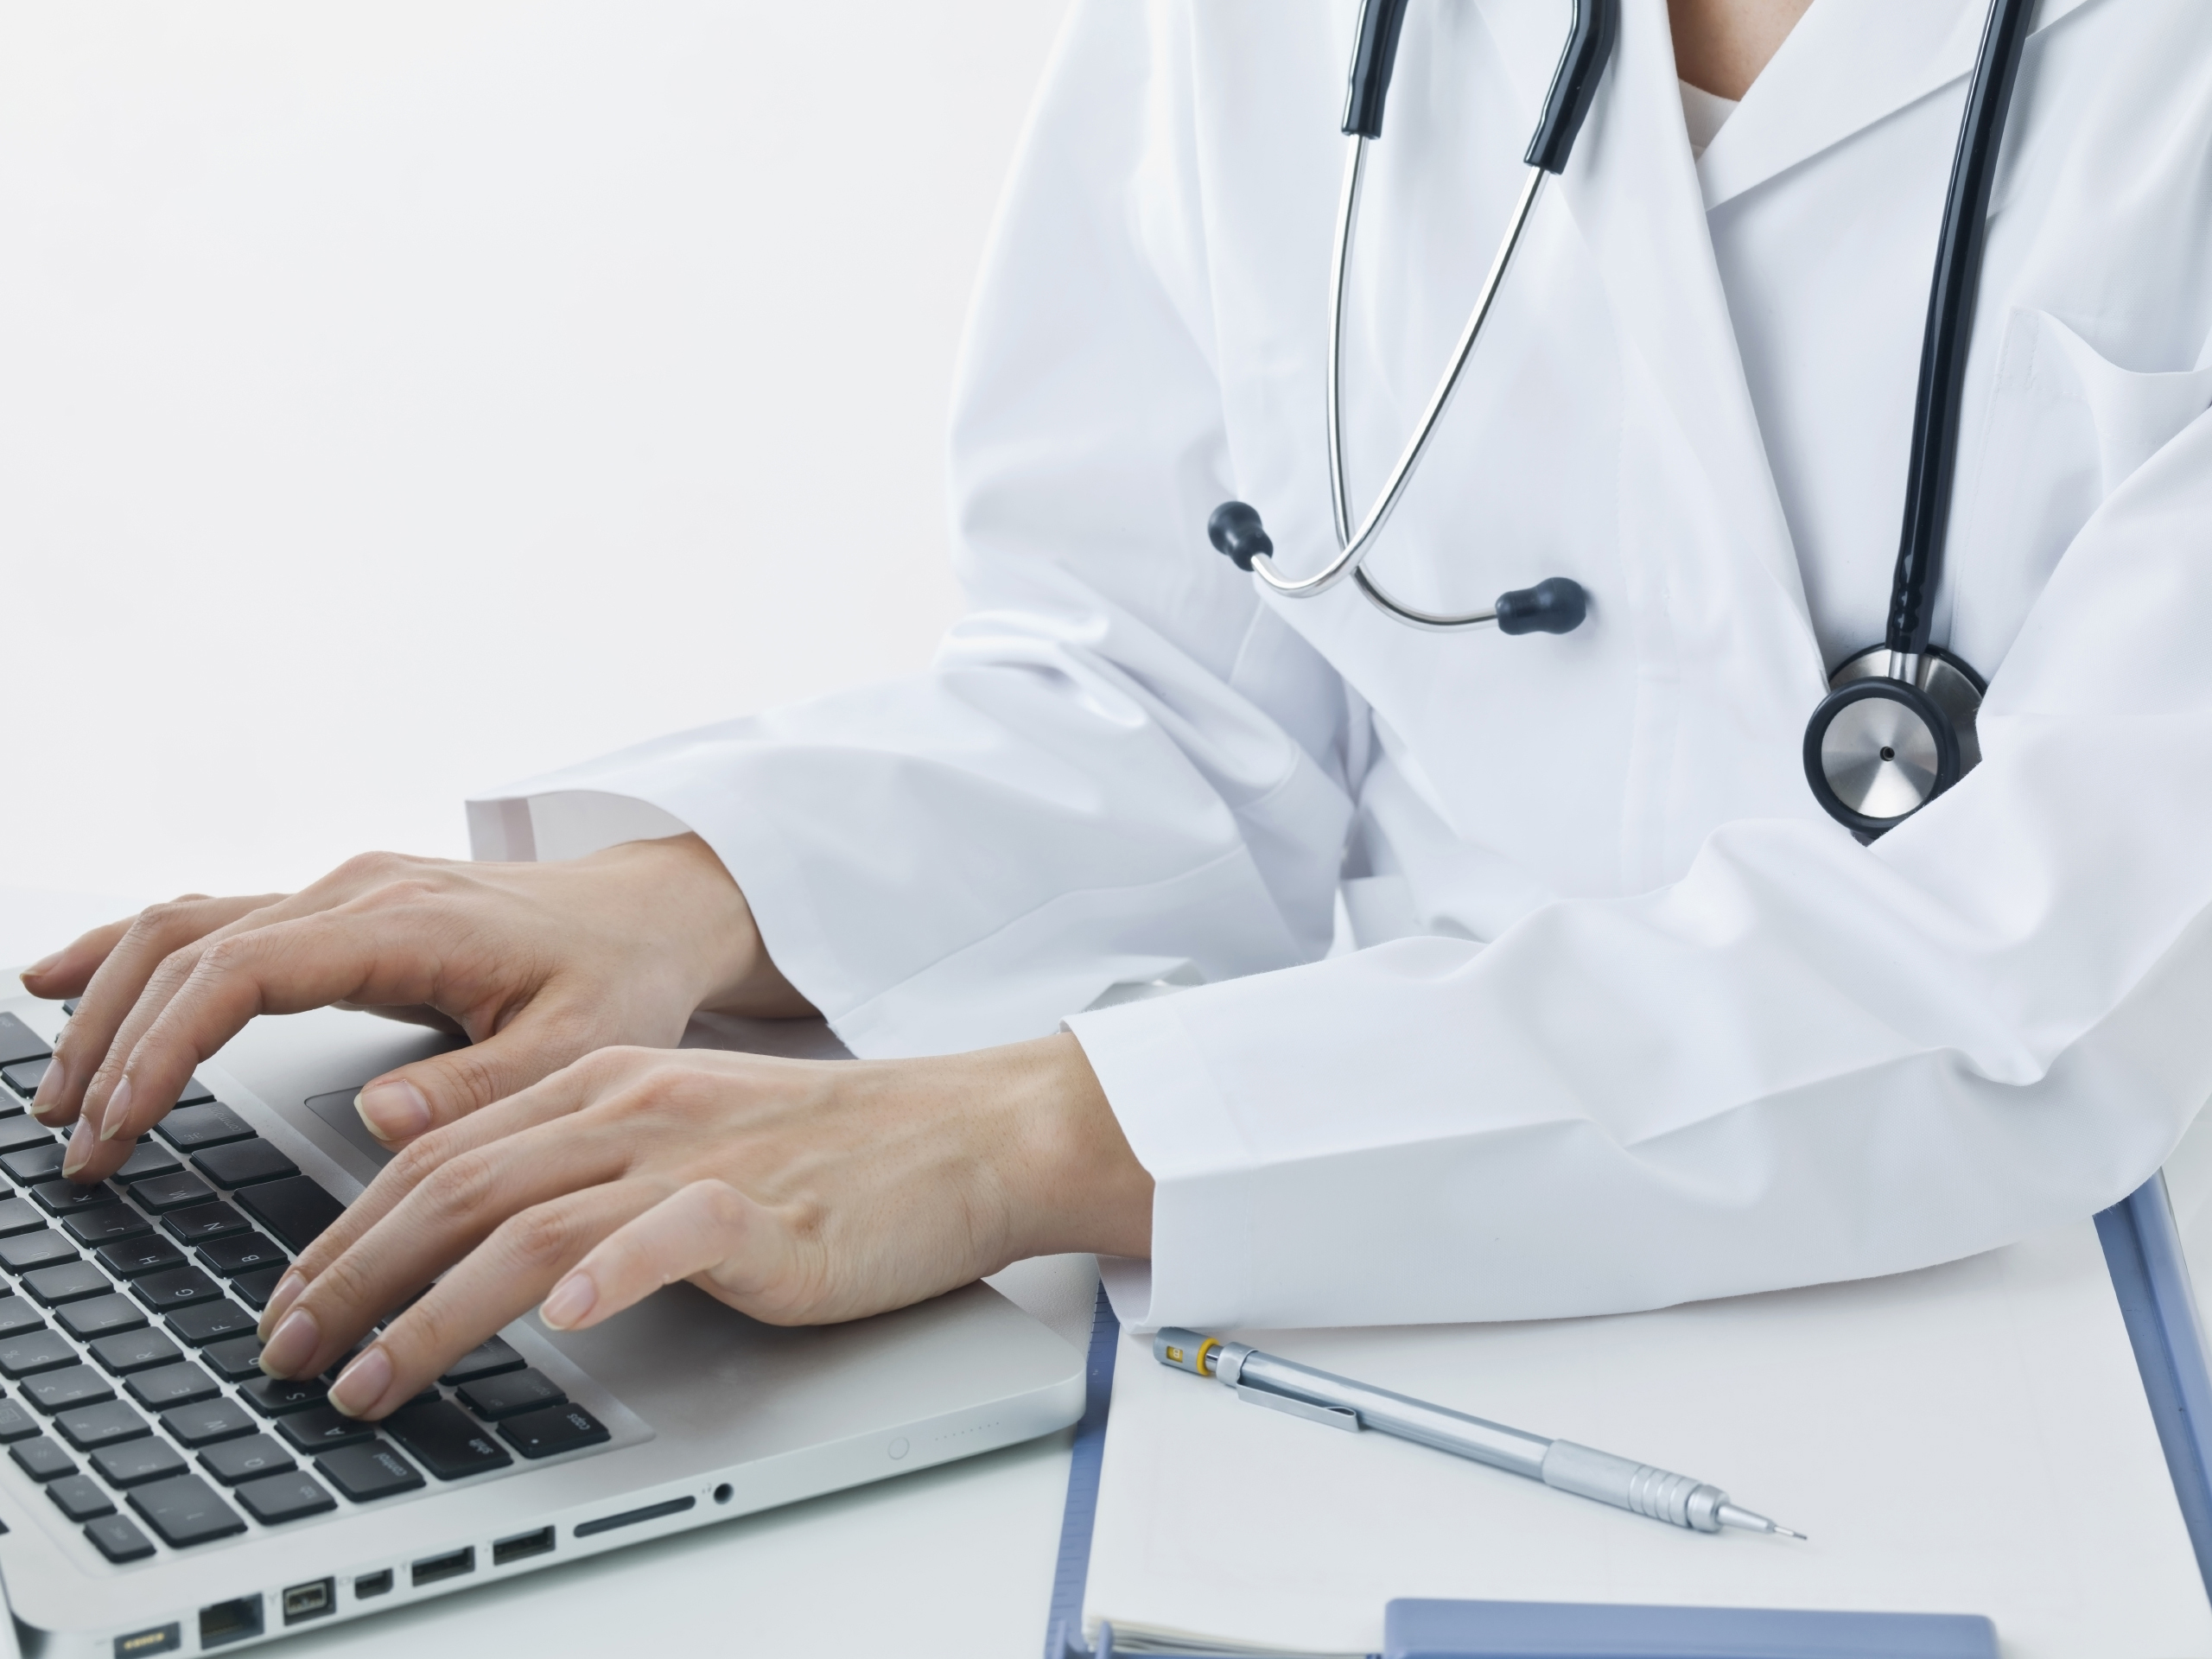 http://medicalpmrg.com/wp-content/uploads/2020/06/pc2.jpg